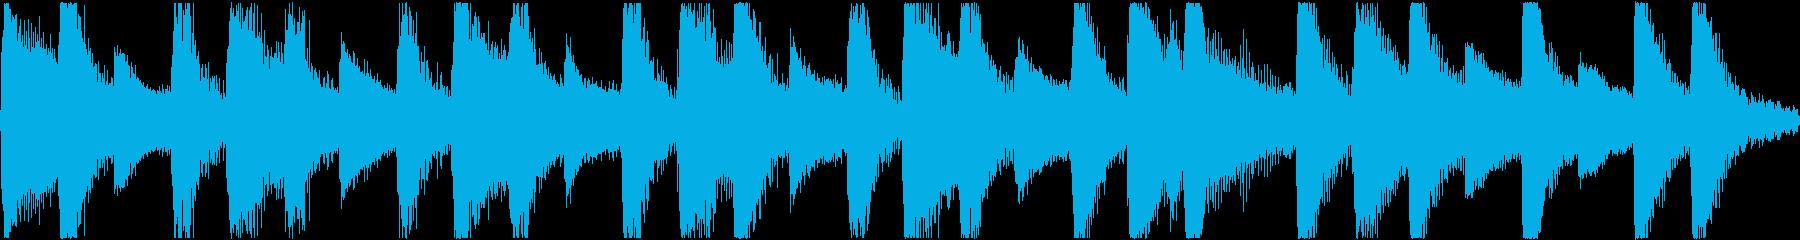 軽快ででコミカルな雰囲気のループBGMの再生済みの波形